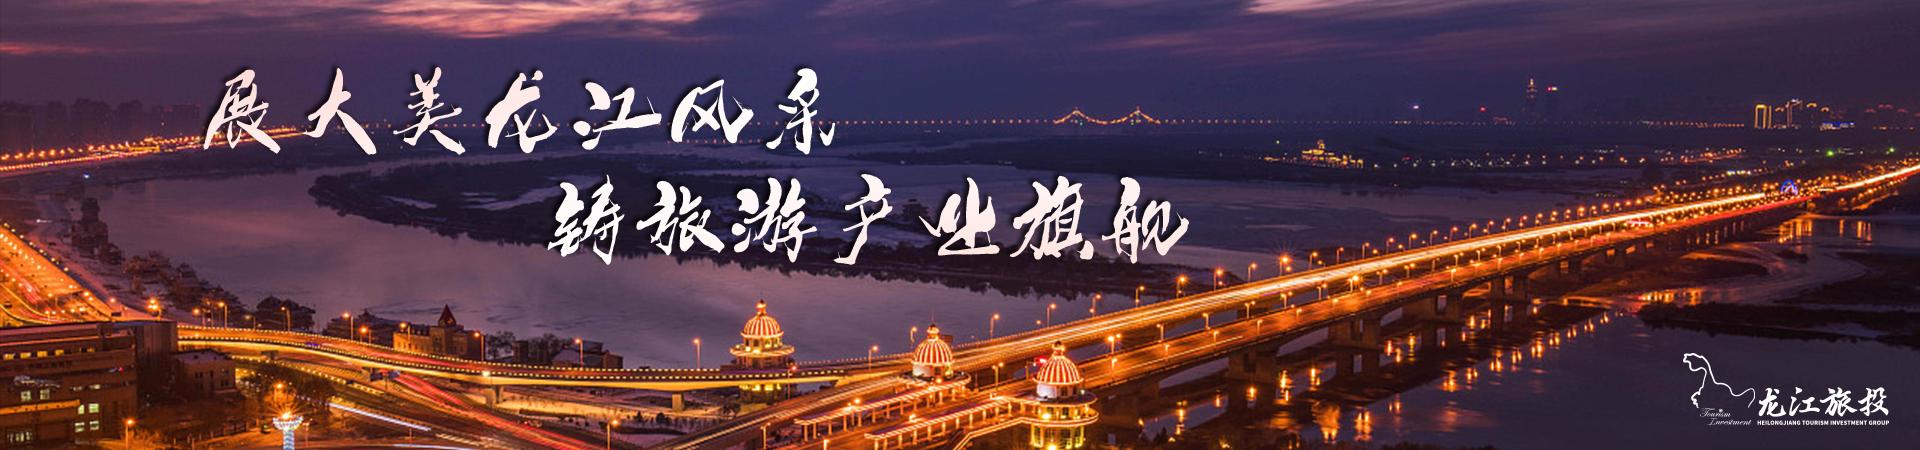 展大美龙江风采 铸12bet备用网站产业旗舰